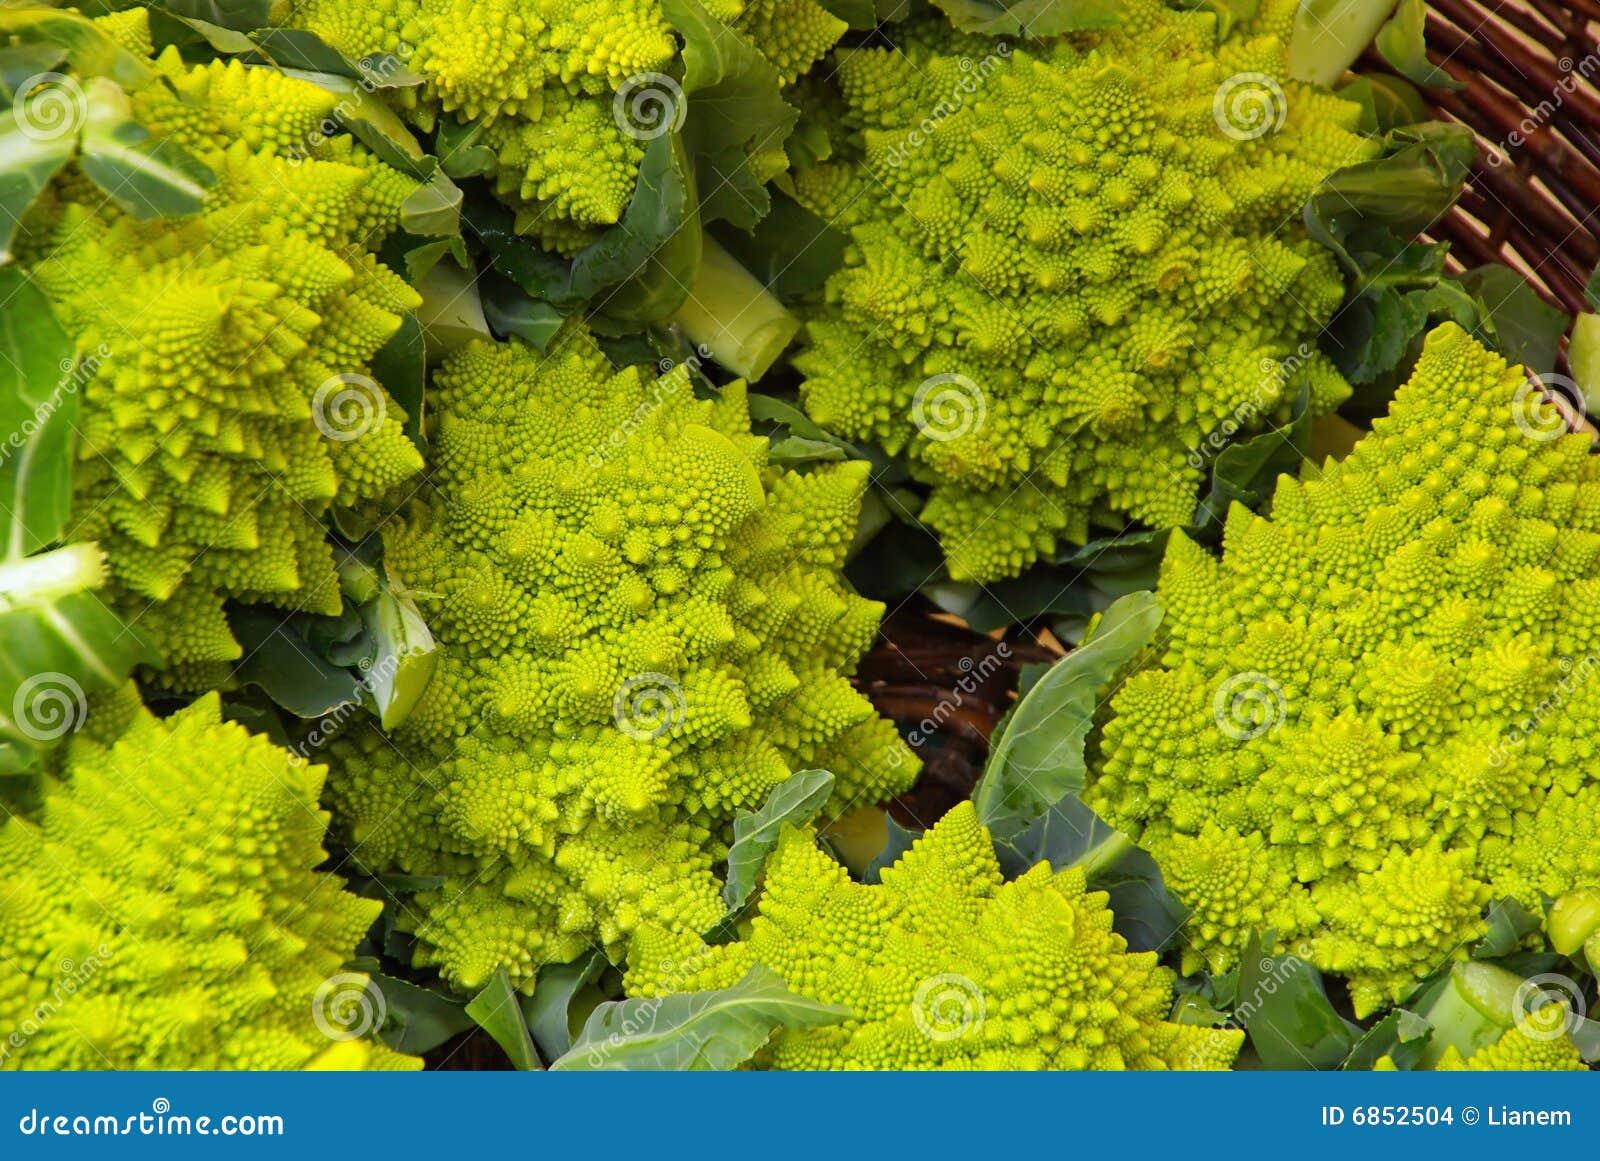 Cauliflower 01